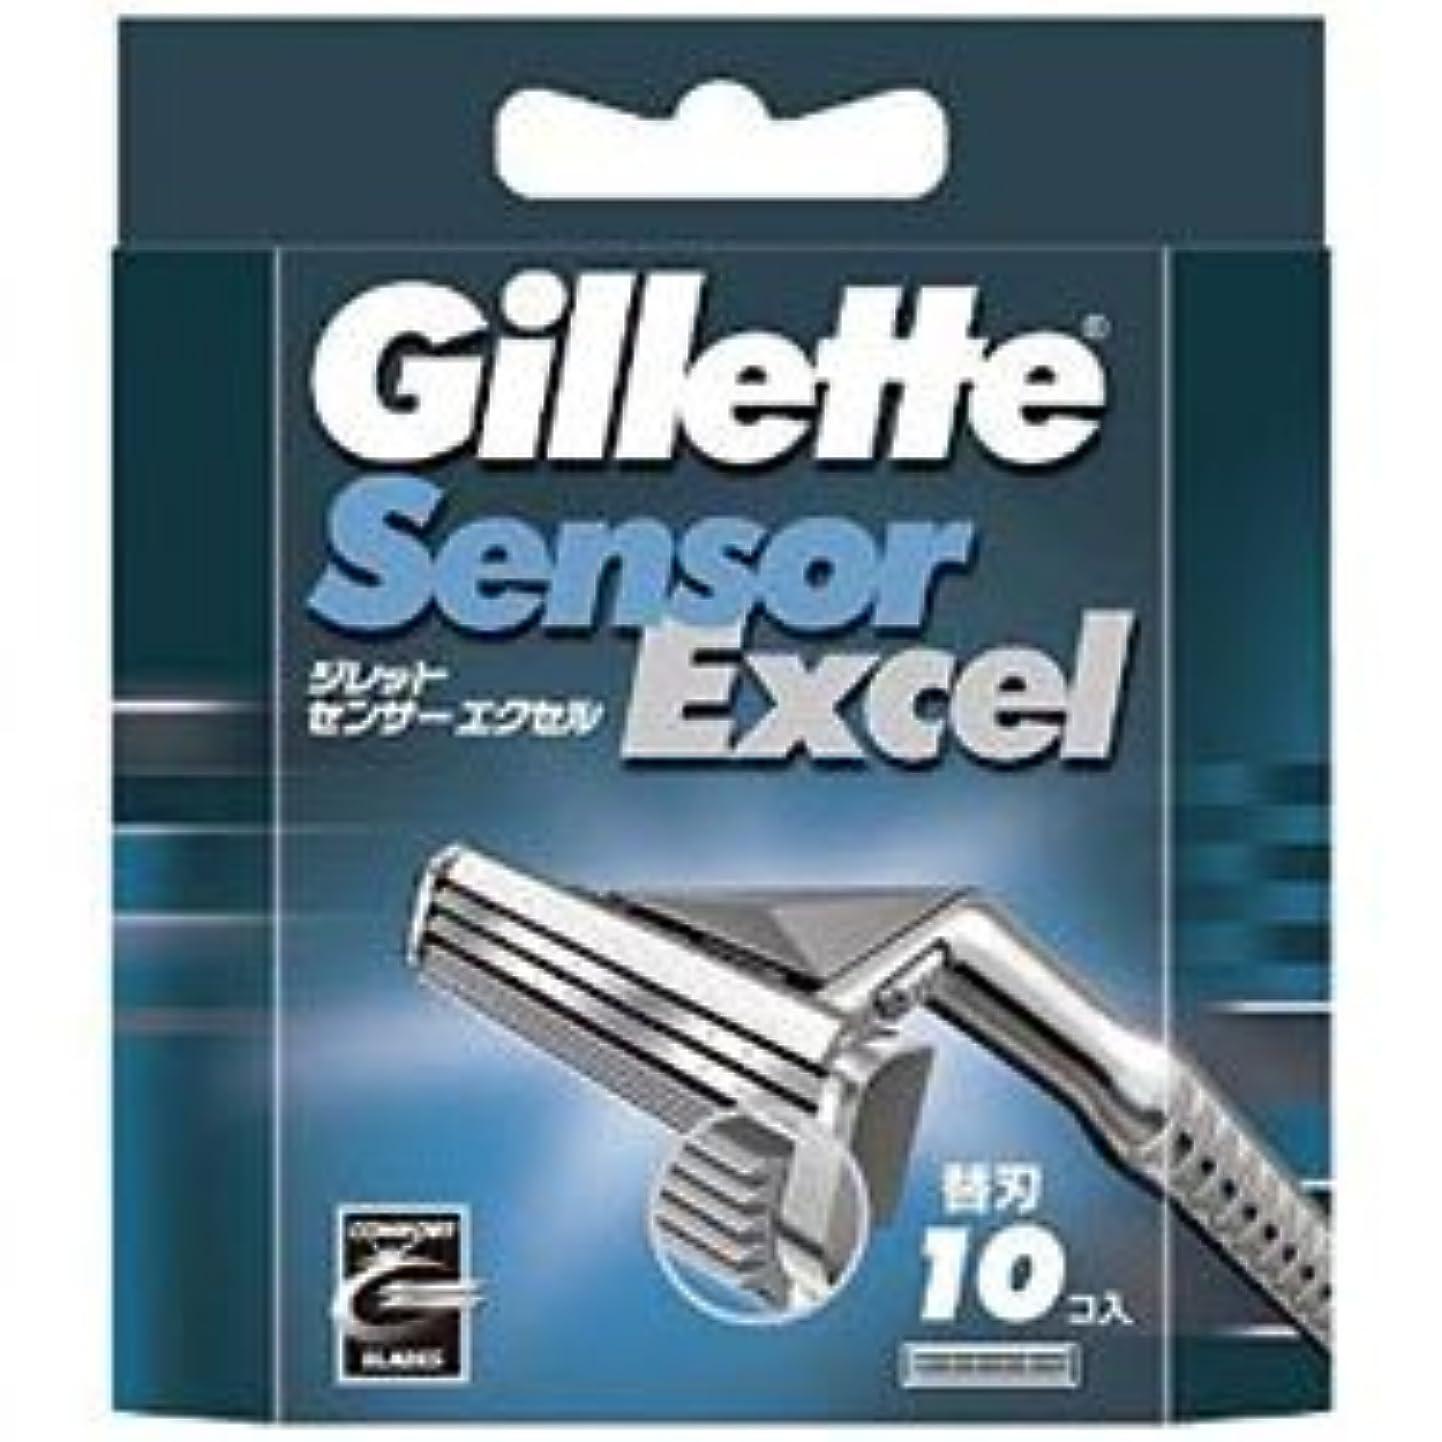 普遍的なペンダント税金【P&G】ジレット センサーエクセル 専用替刃 10個入 ×3個セット